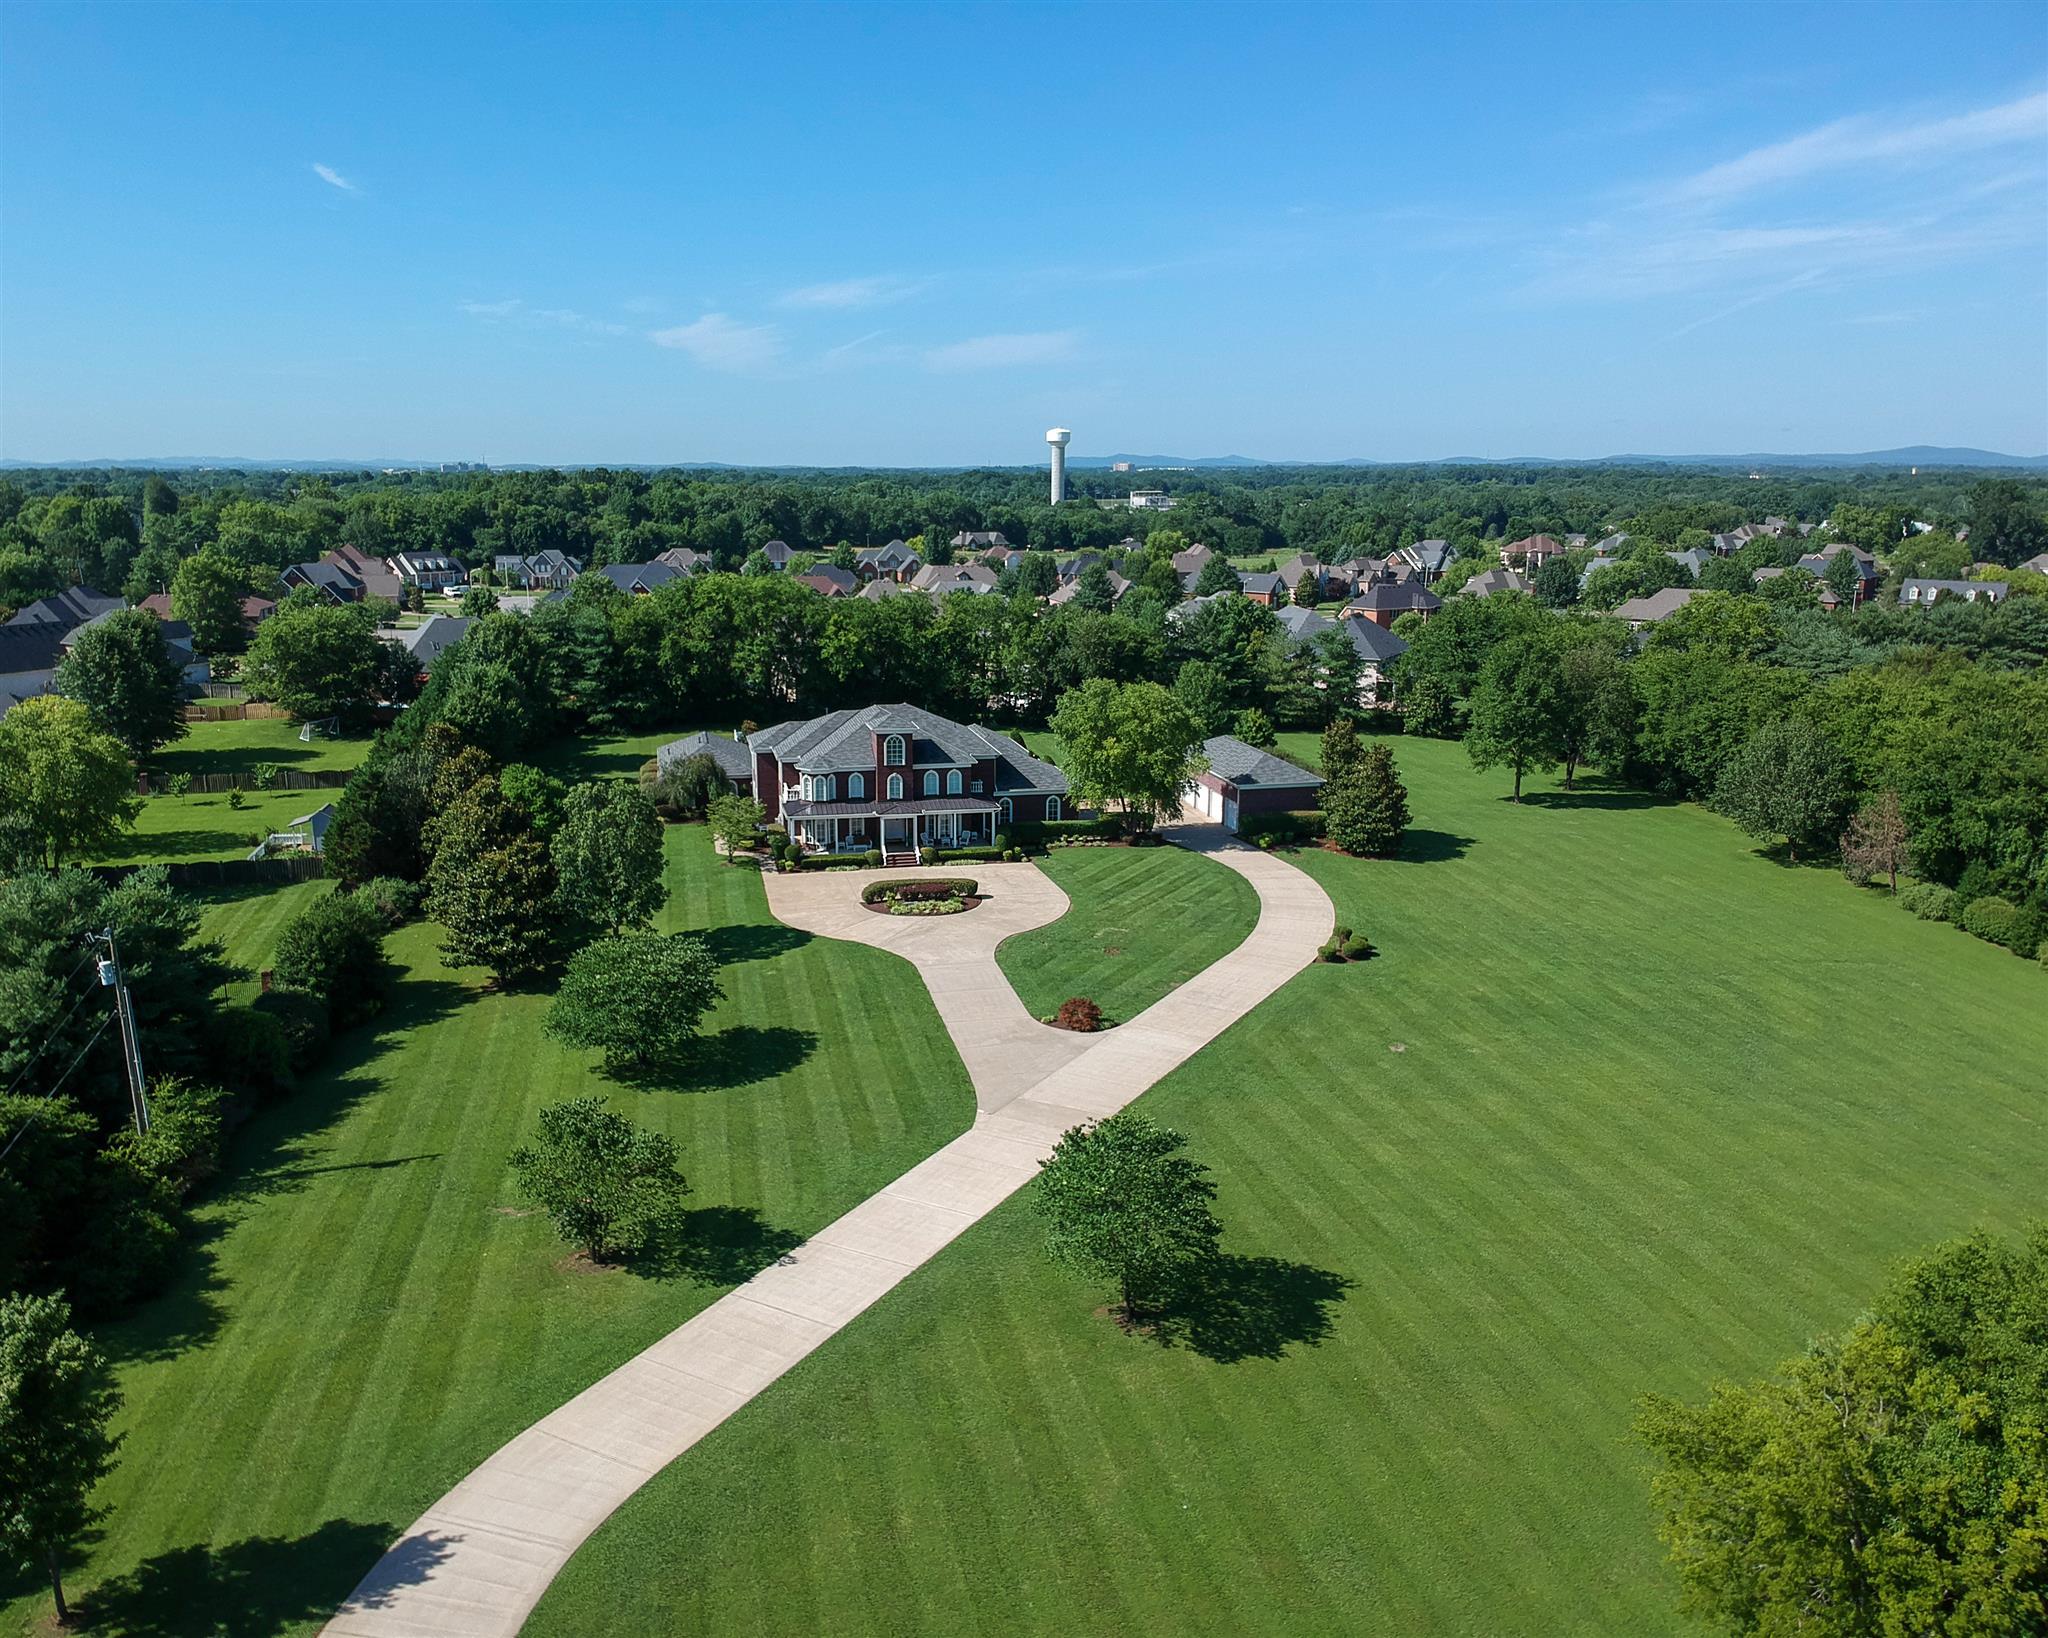 2313 River Rd, Murfreesboro, TN 37129 - Murfreesboro, TN real estate listing